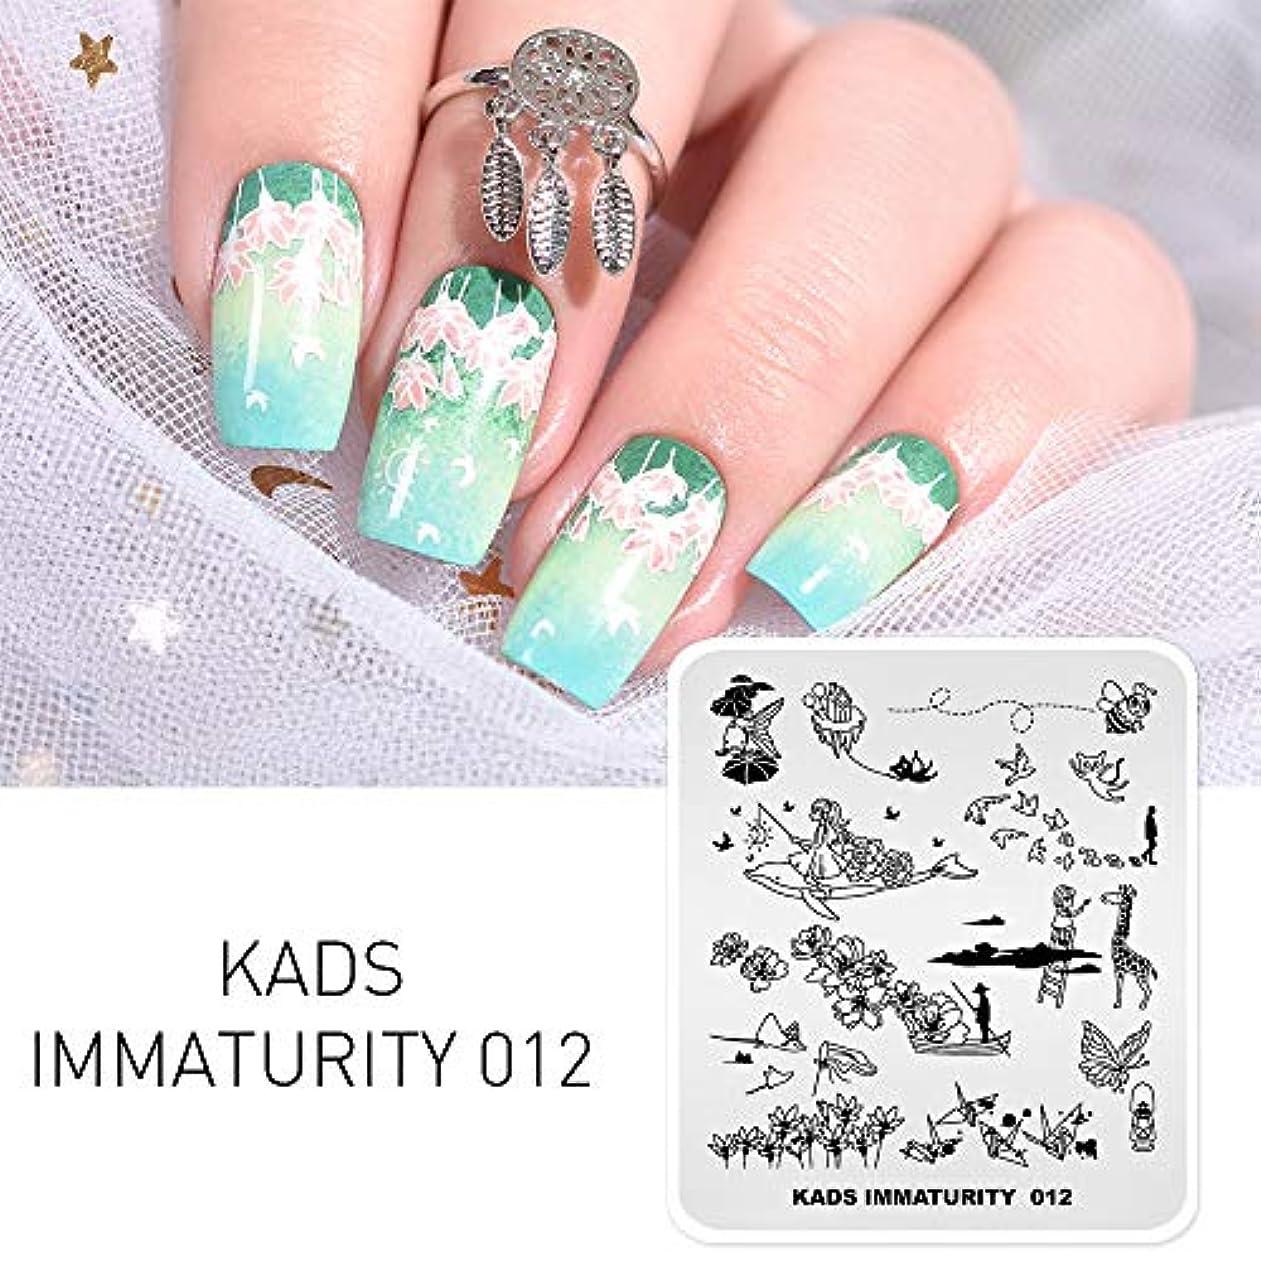 意志コーンウォール解釈的KADS スタンピングプレート ネイルイメージプレート 花模様 可愛い動物 ナチュラルスタイル (IM012)